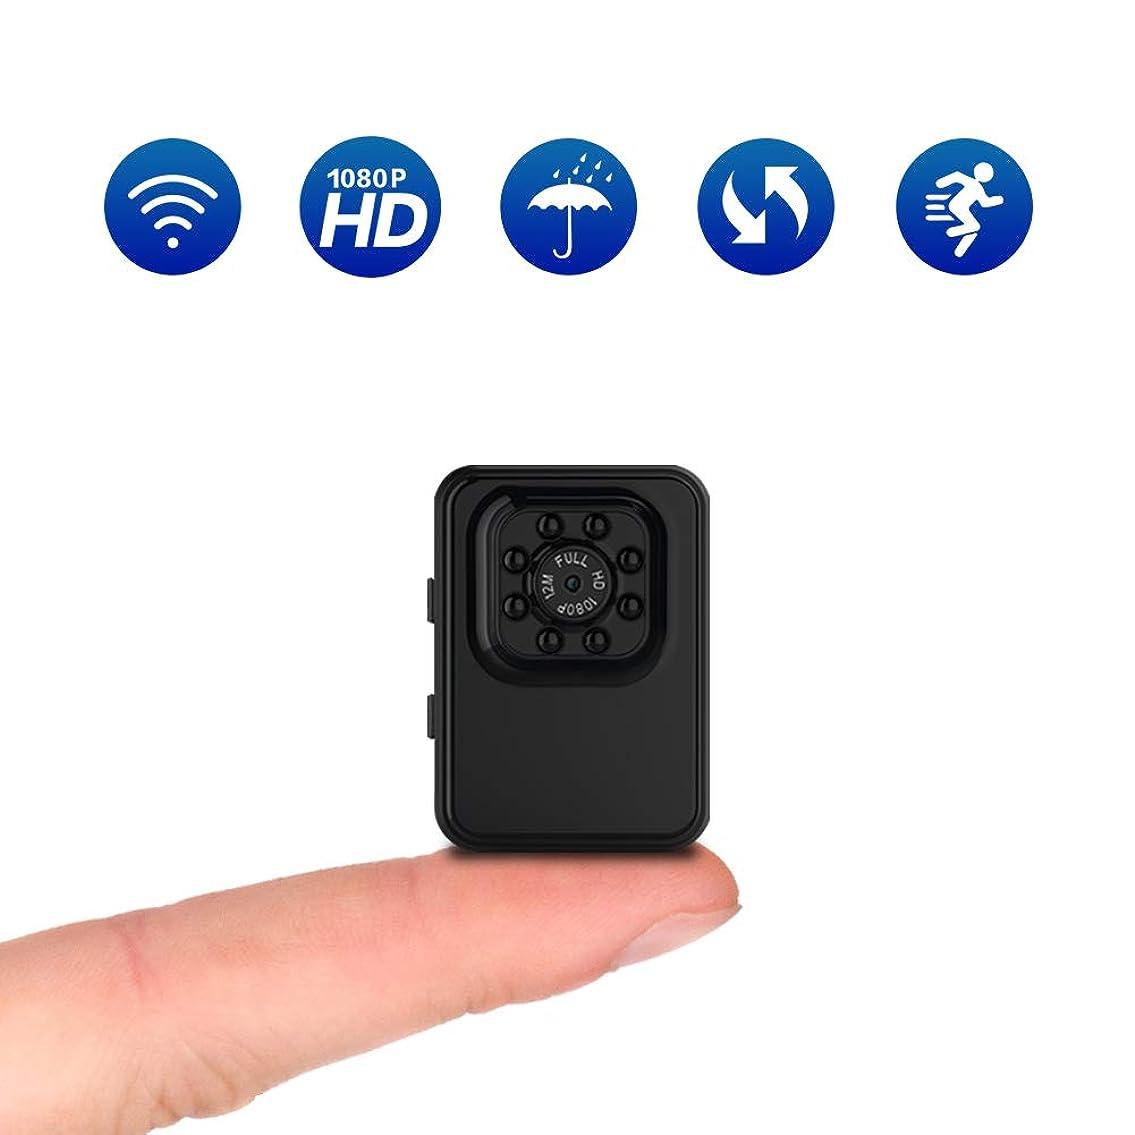 現象ゴミ見込みスポーツ防水カメラ 超小型カメラ 無線WiFi監視カメラ 1080P HD 監視カメラ 動体撮影 長時間使用 暗視機能 110°広角撮影 車載貯蔵、潜水する、野外撮影 室内防犯監視